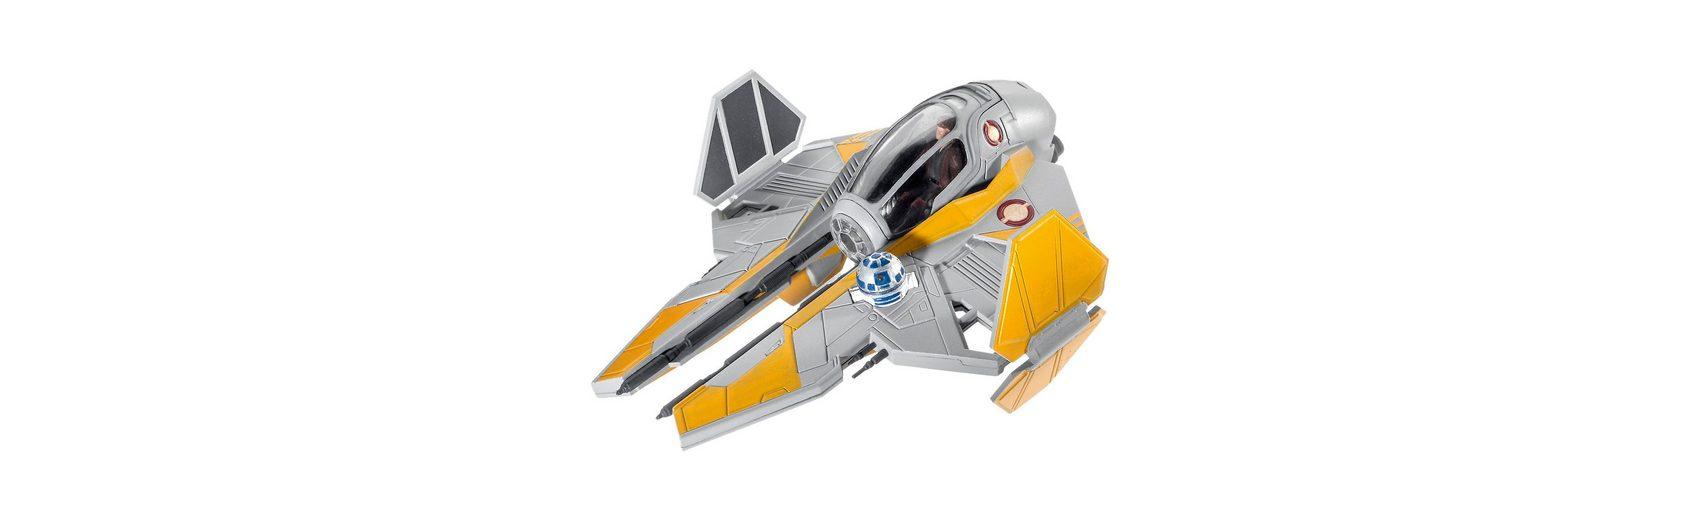 Revell Modellbausatz Star Wars Anakin's Jedi Starfighter